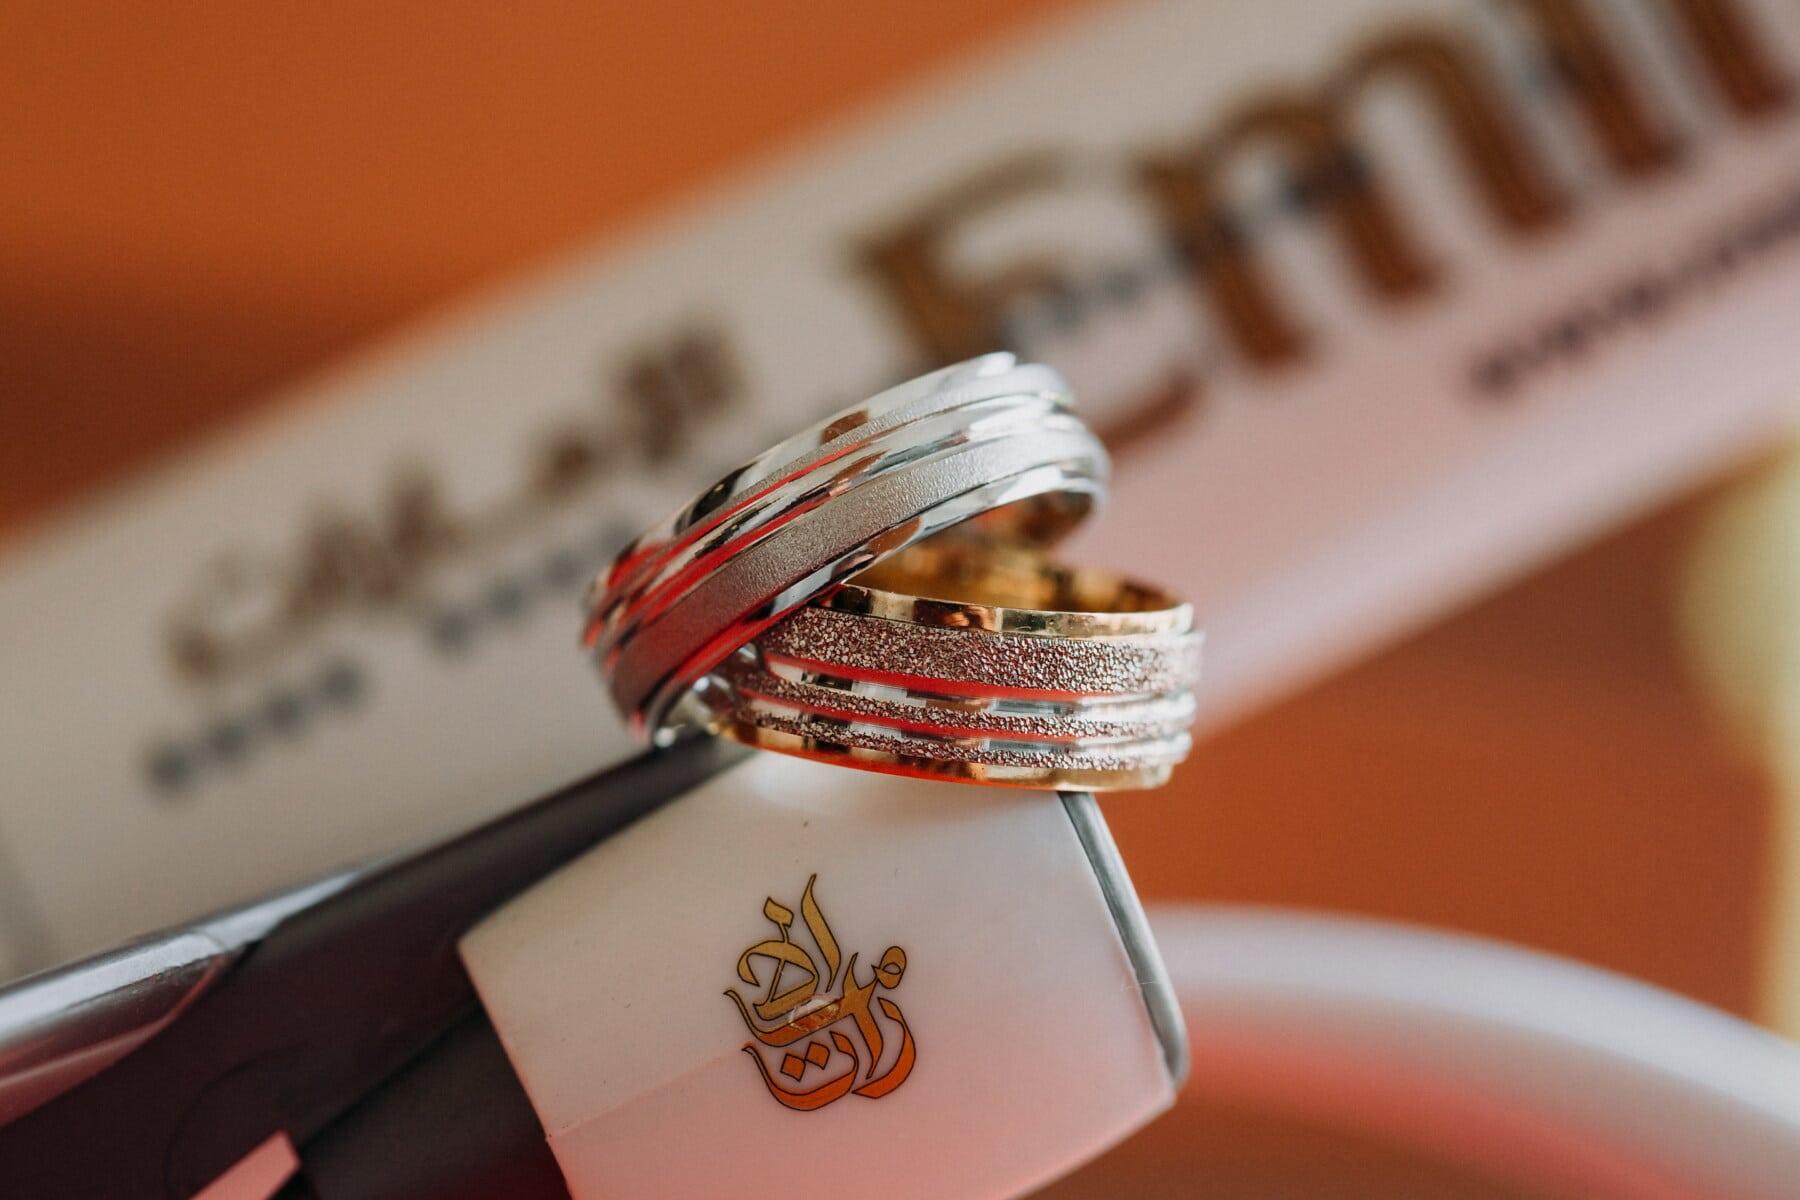 Silber, Ringe, goldener Glanz, Gold, Flugzeug, Miniatur, Detail, Flugmotor, Liebe, verwischen